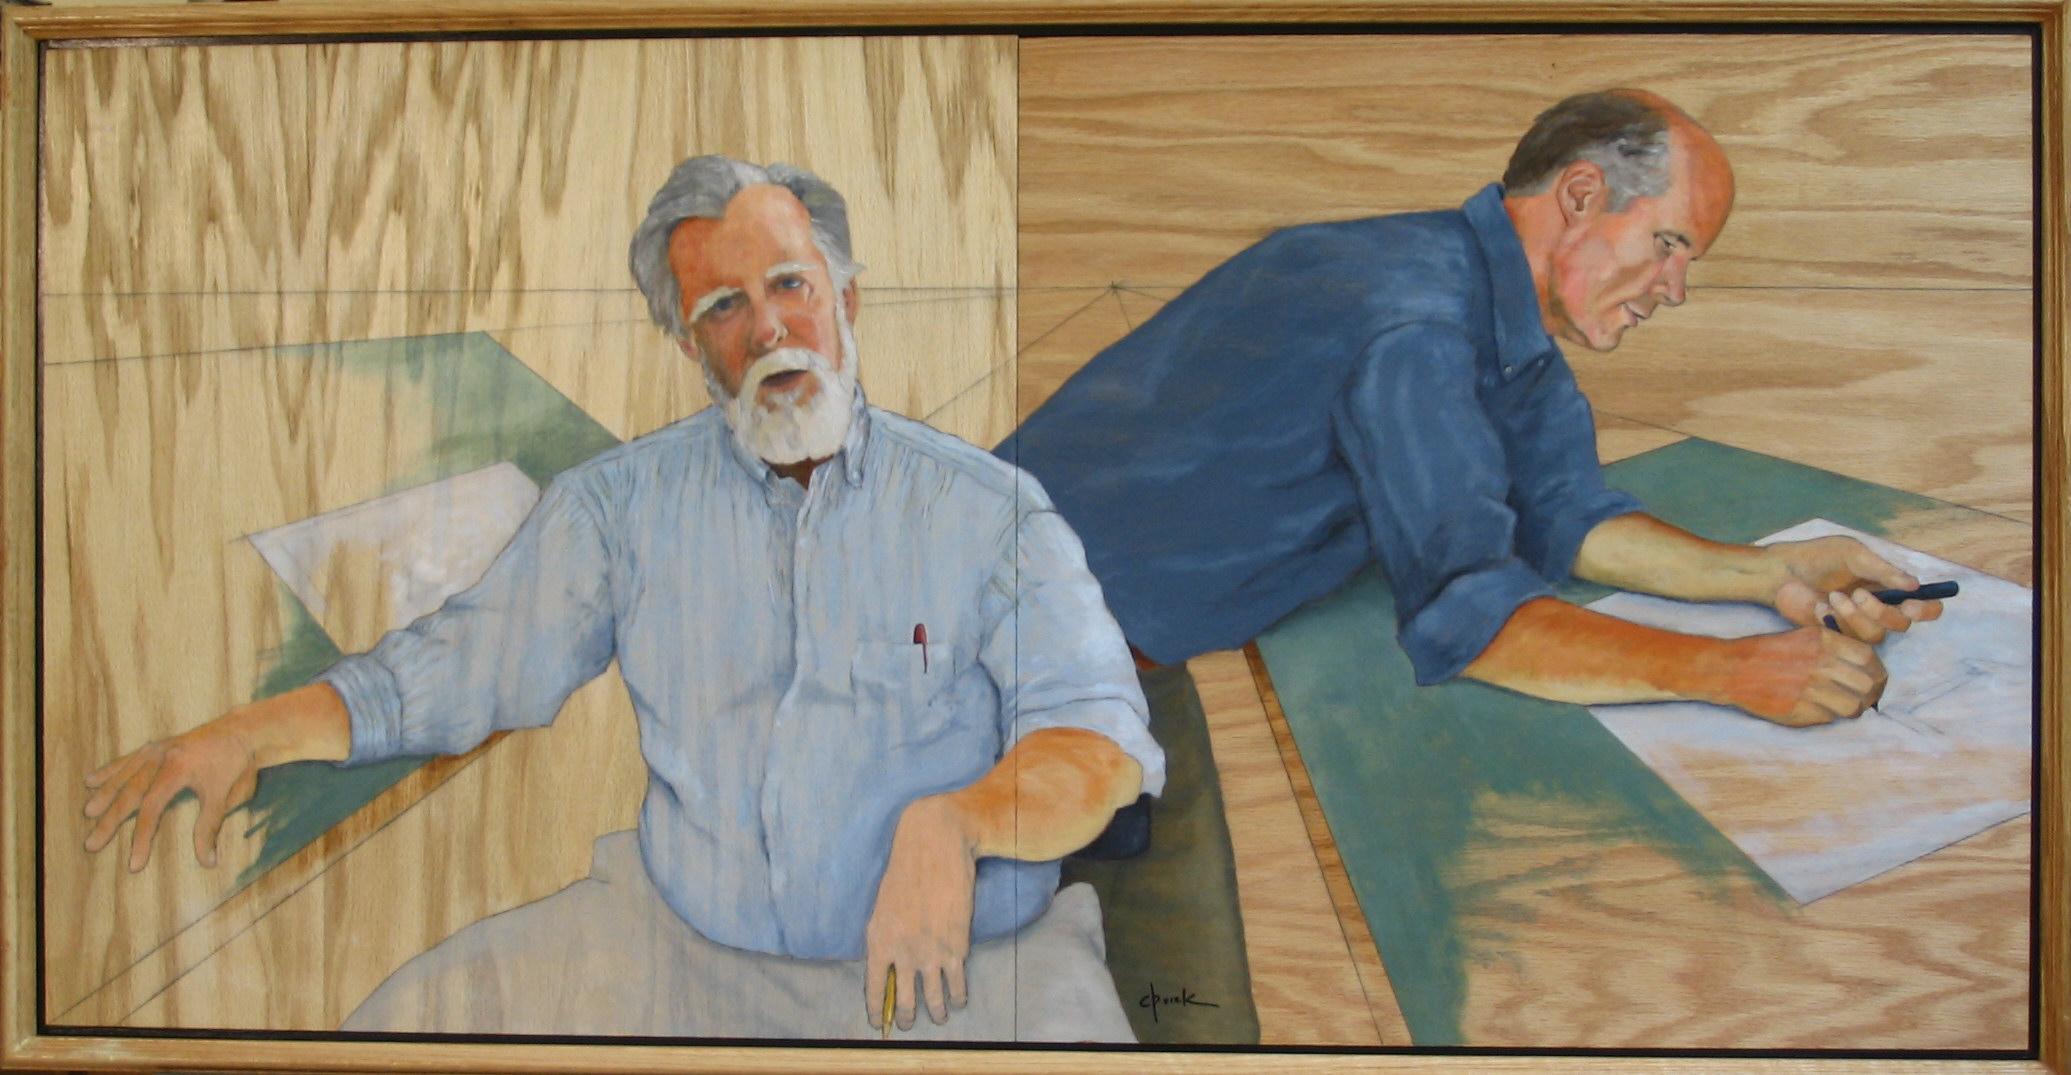 Russell Skinner & Bahlmann Abbot